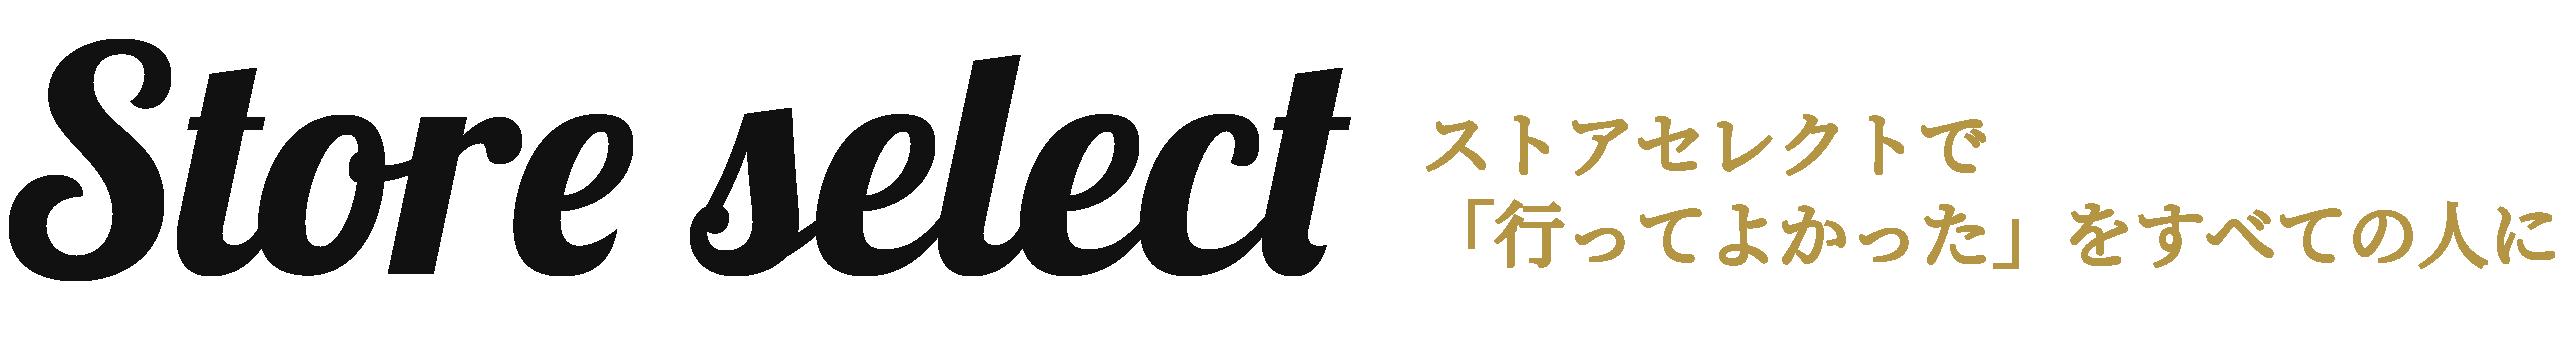 Store select [ストアセレクト]